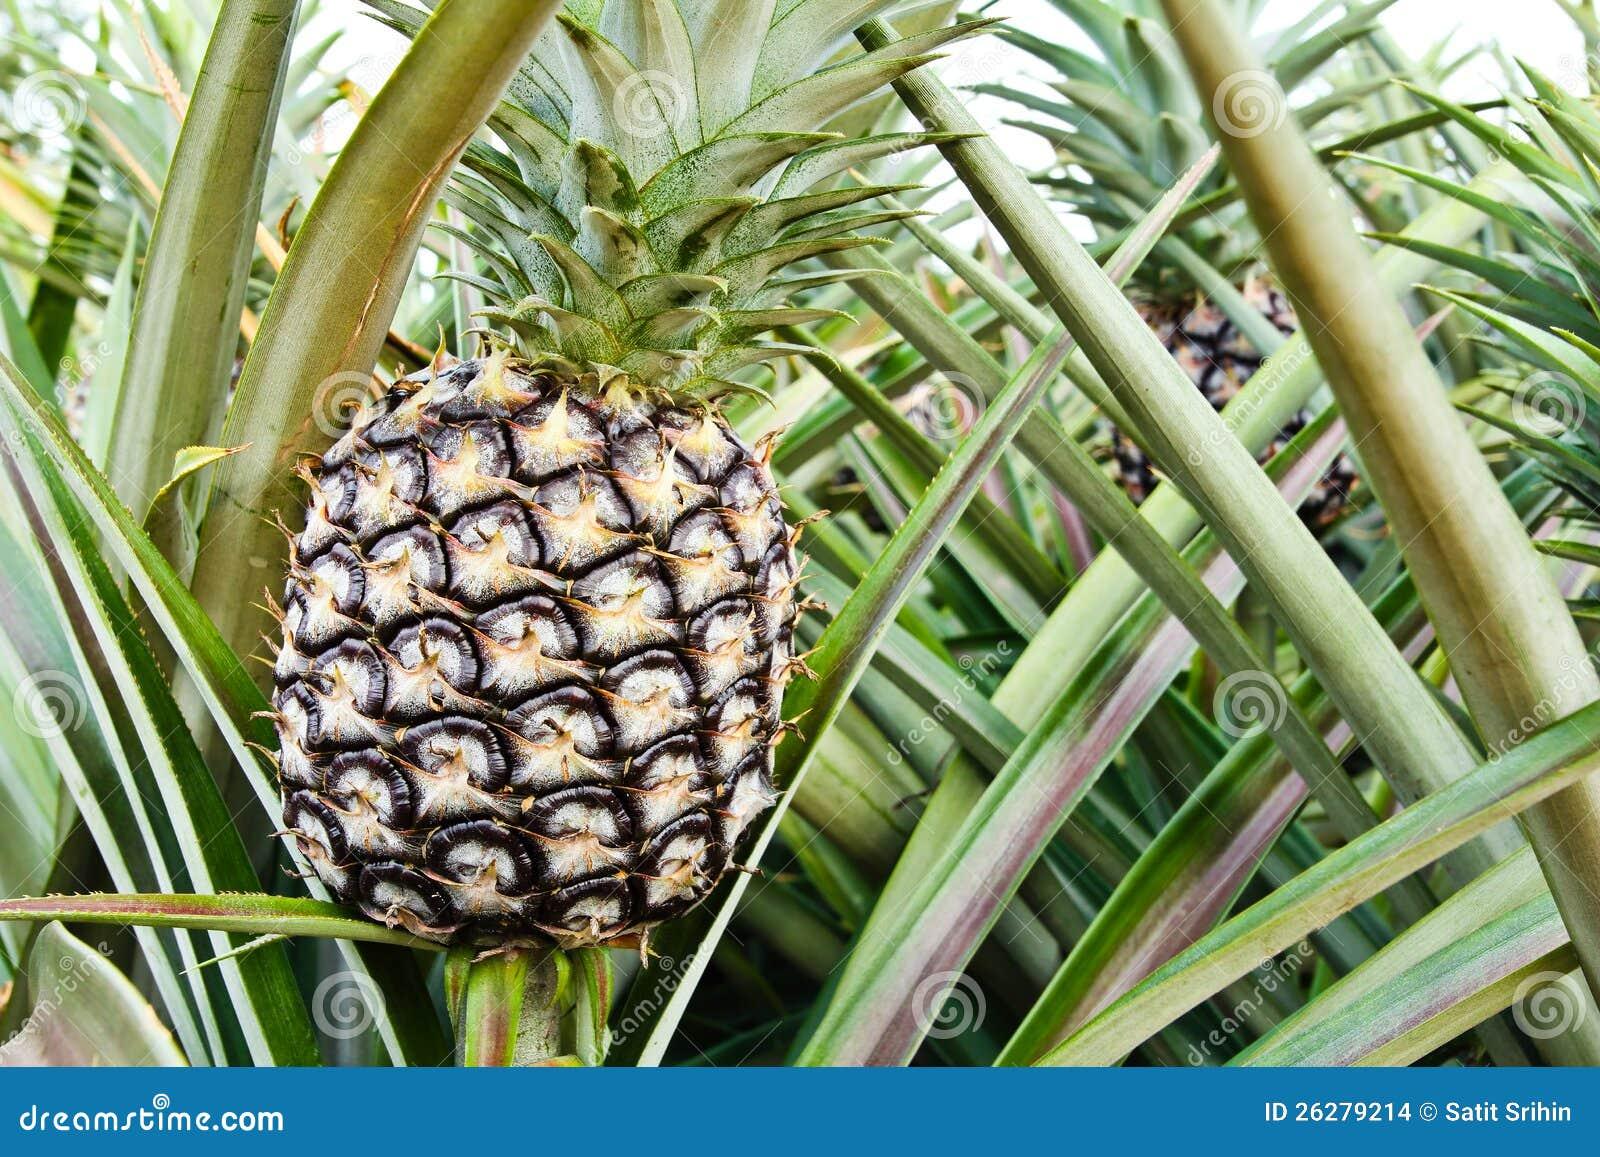 Pianta di ananas immagini stock immagine 26279214 for Pianta di more